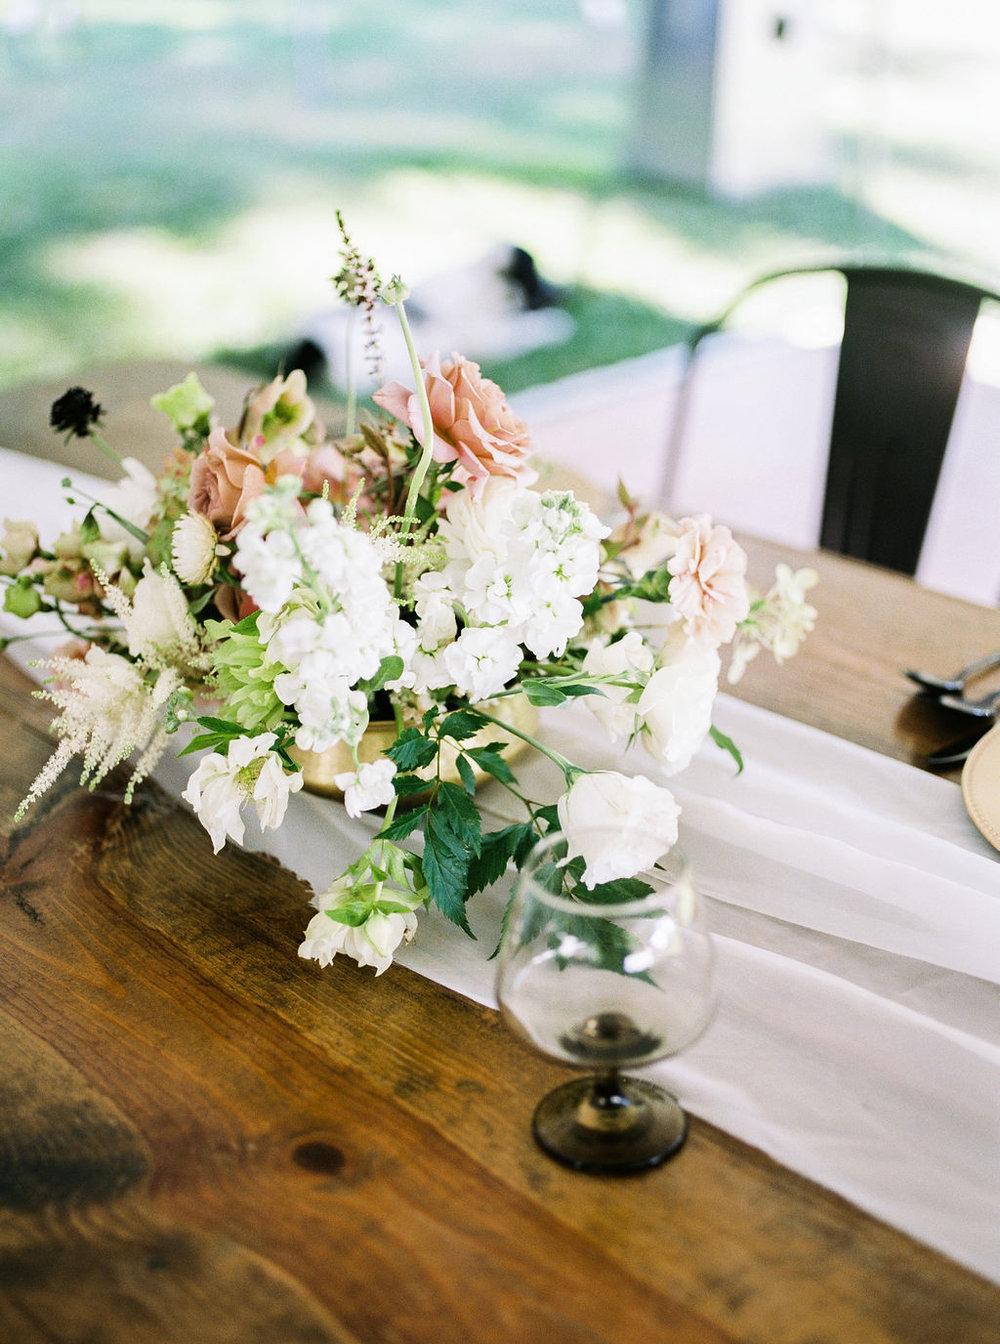 Camp-Sturtevant-Wausau-Wedding-Florist-KaseStyles-18-.jpg